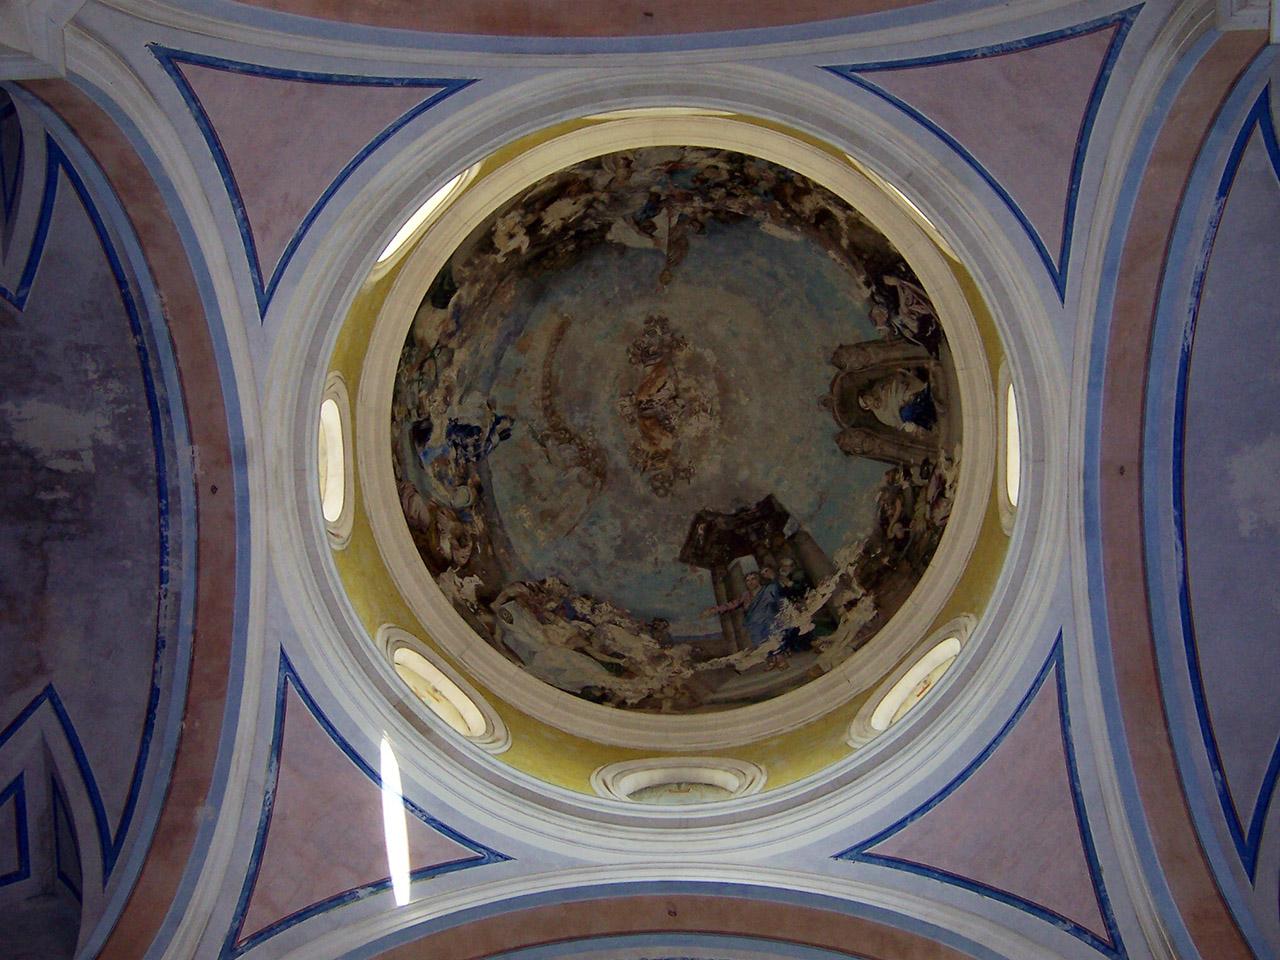 costruzioni restauri sirio ostuni chiesa madonna della grata ostuni 100 0917 1